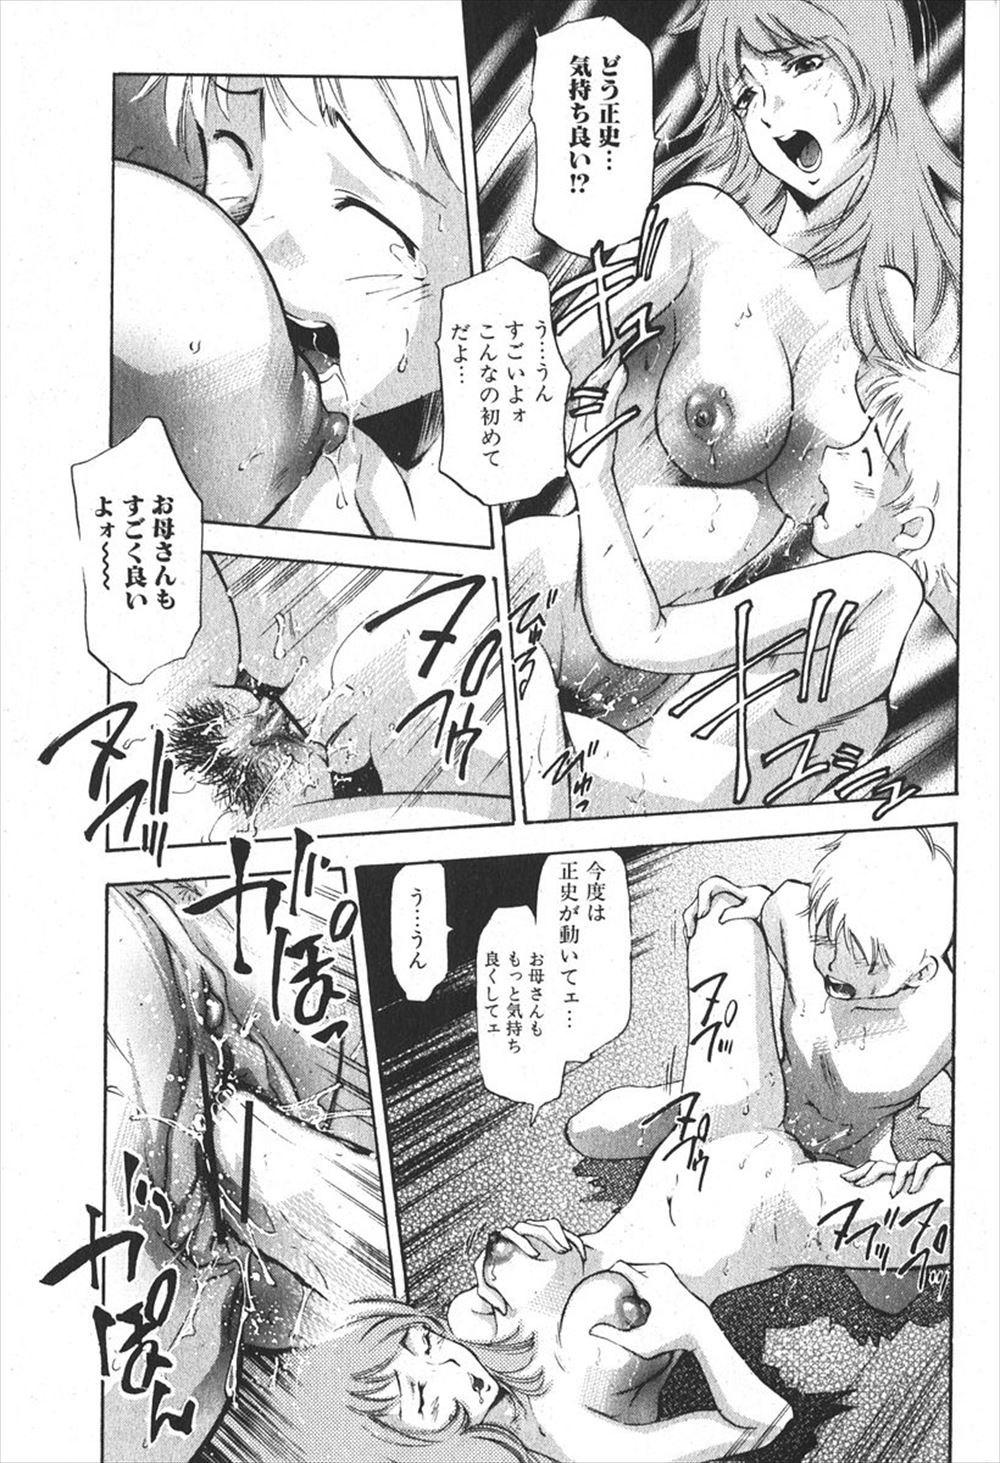 【エロ漫画】友達が家に持ってきたヌード写真が母に似ていて勃起してしまい、それが母にバレて親子セックス! 013